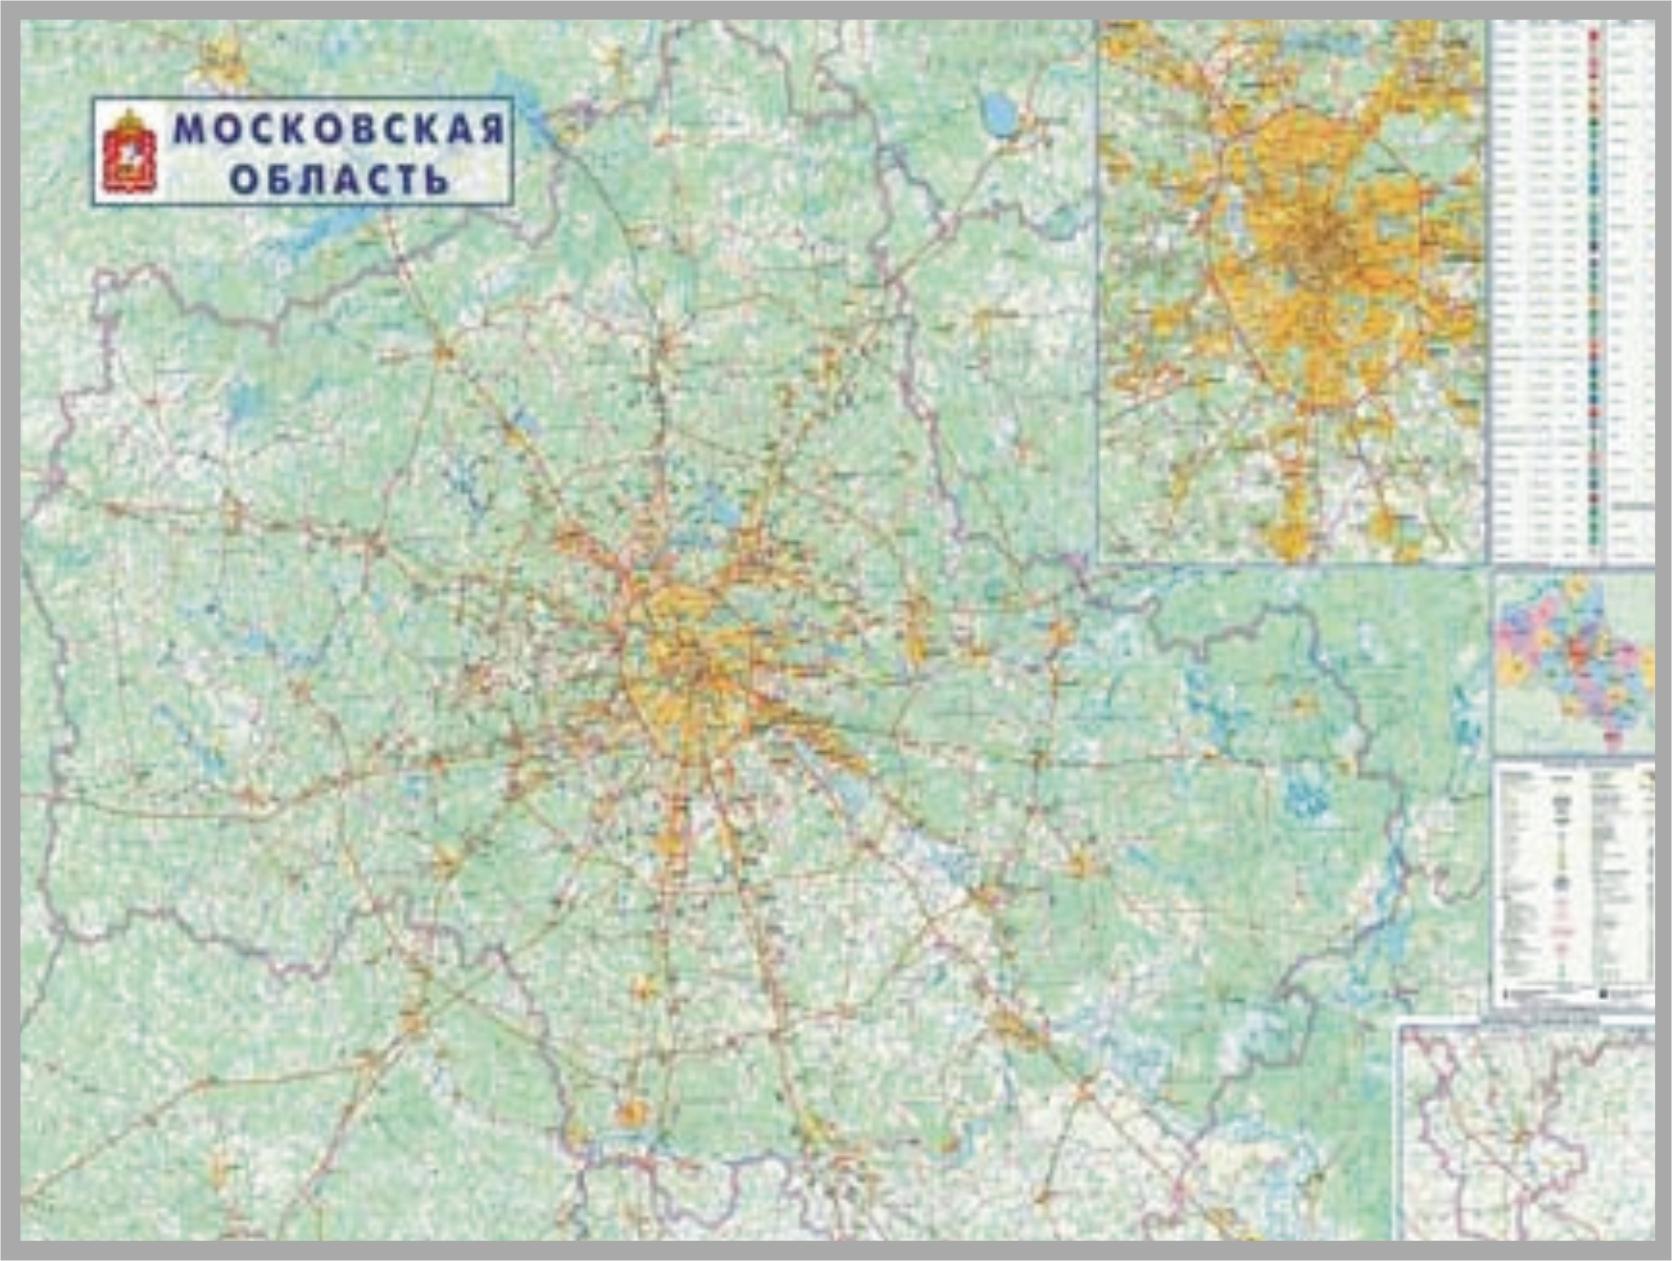 Большая географическая карта Московской области, мелованная бумага с ламинированием. Размер 2,95 х 2,00м. Обозначены границы районов Московской области, подписаны их названия и центры.